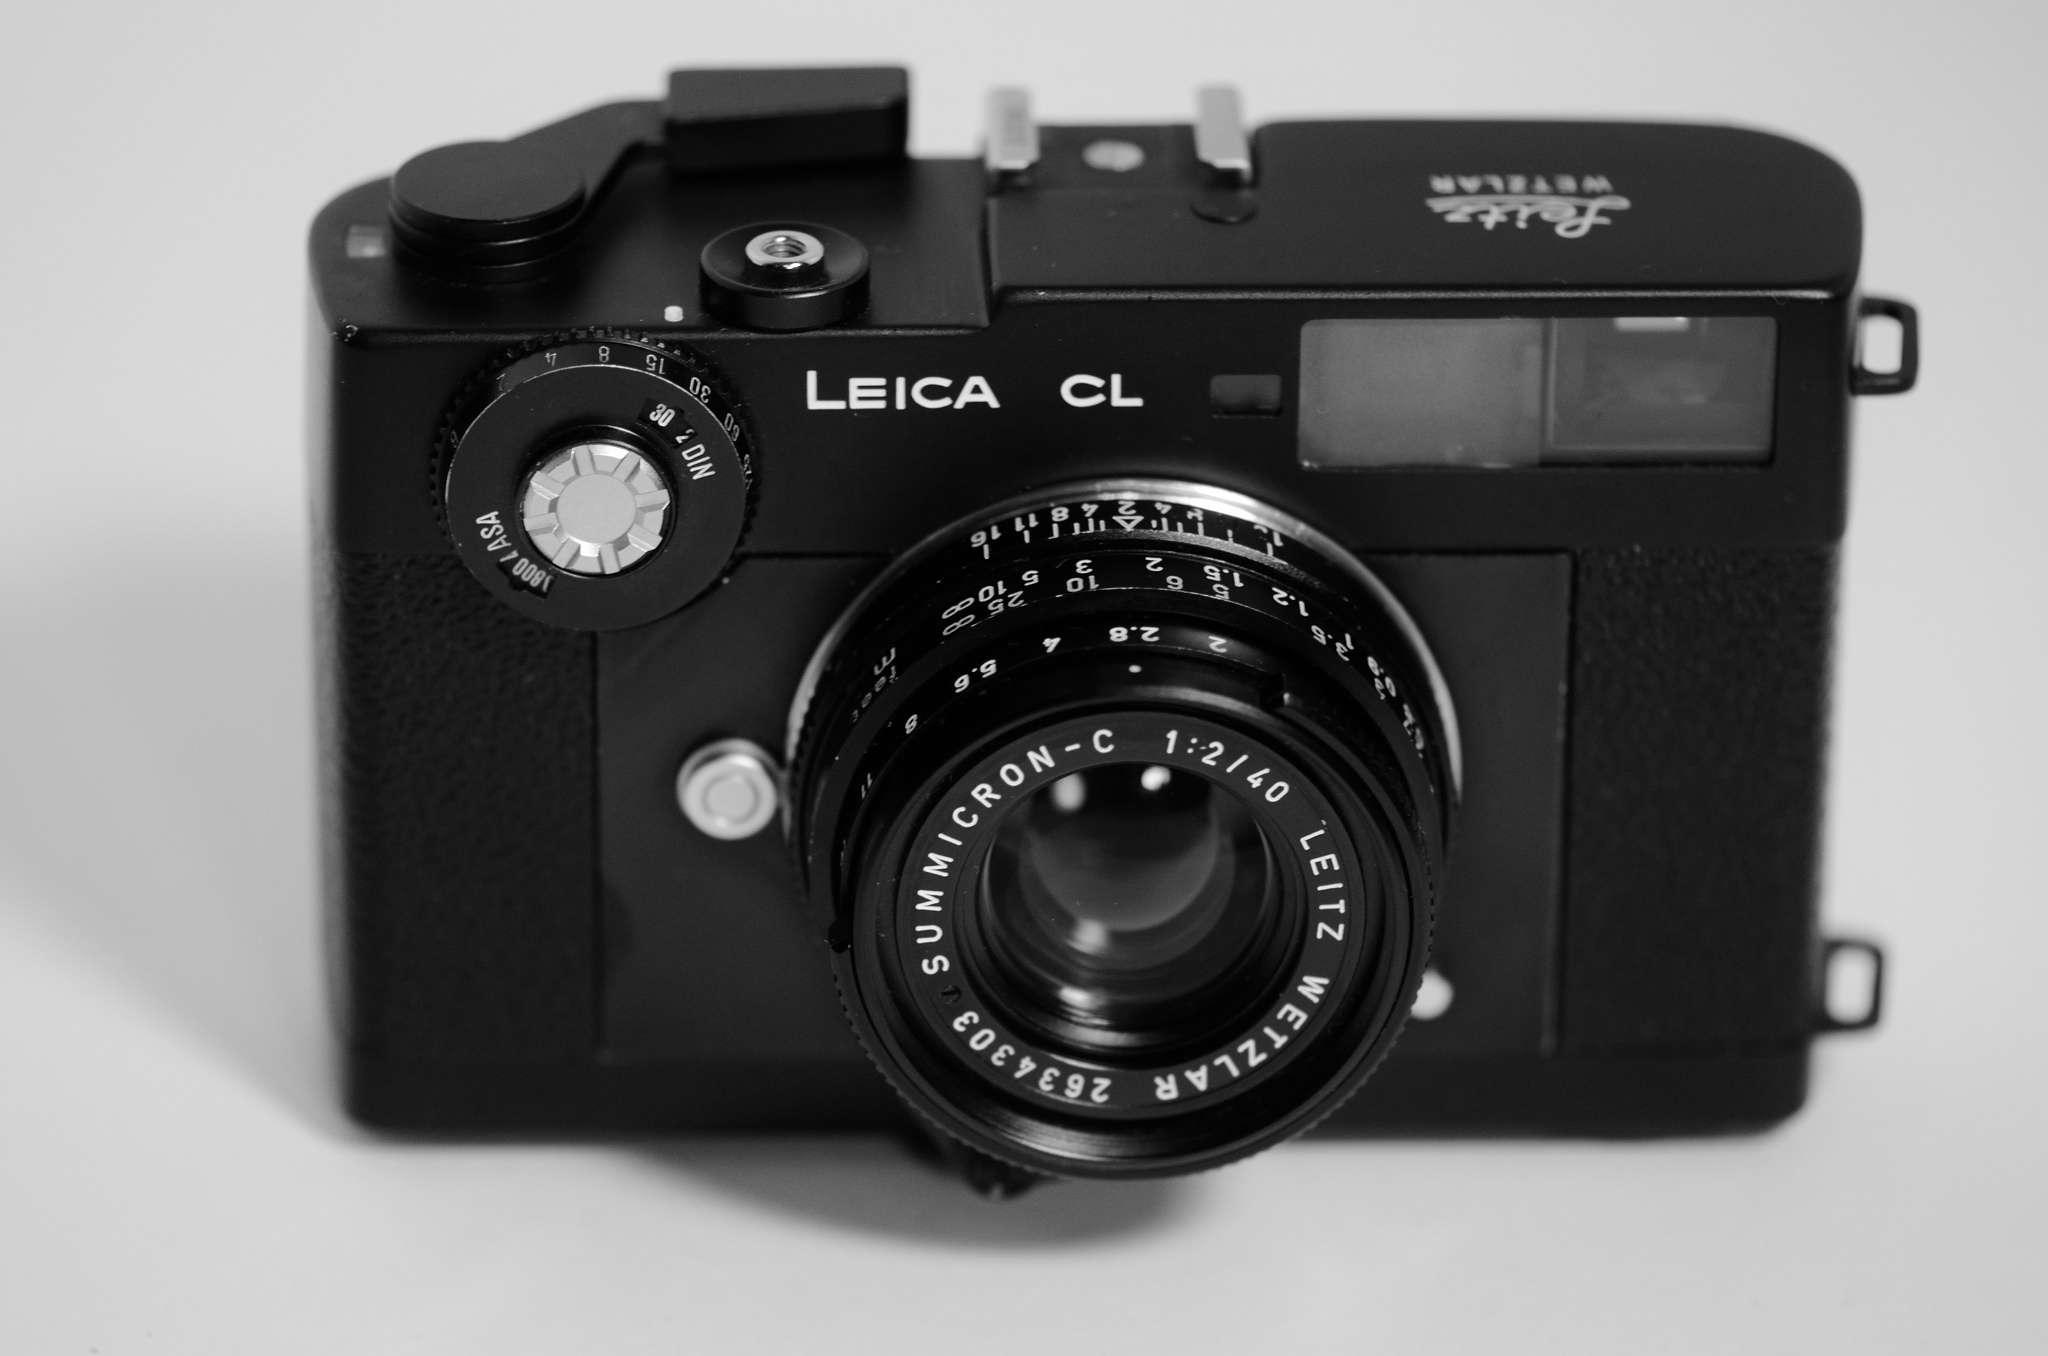 miglior fotocamera Leica Leica CL